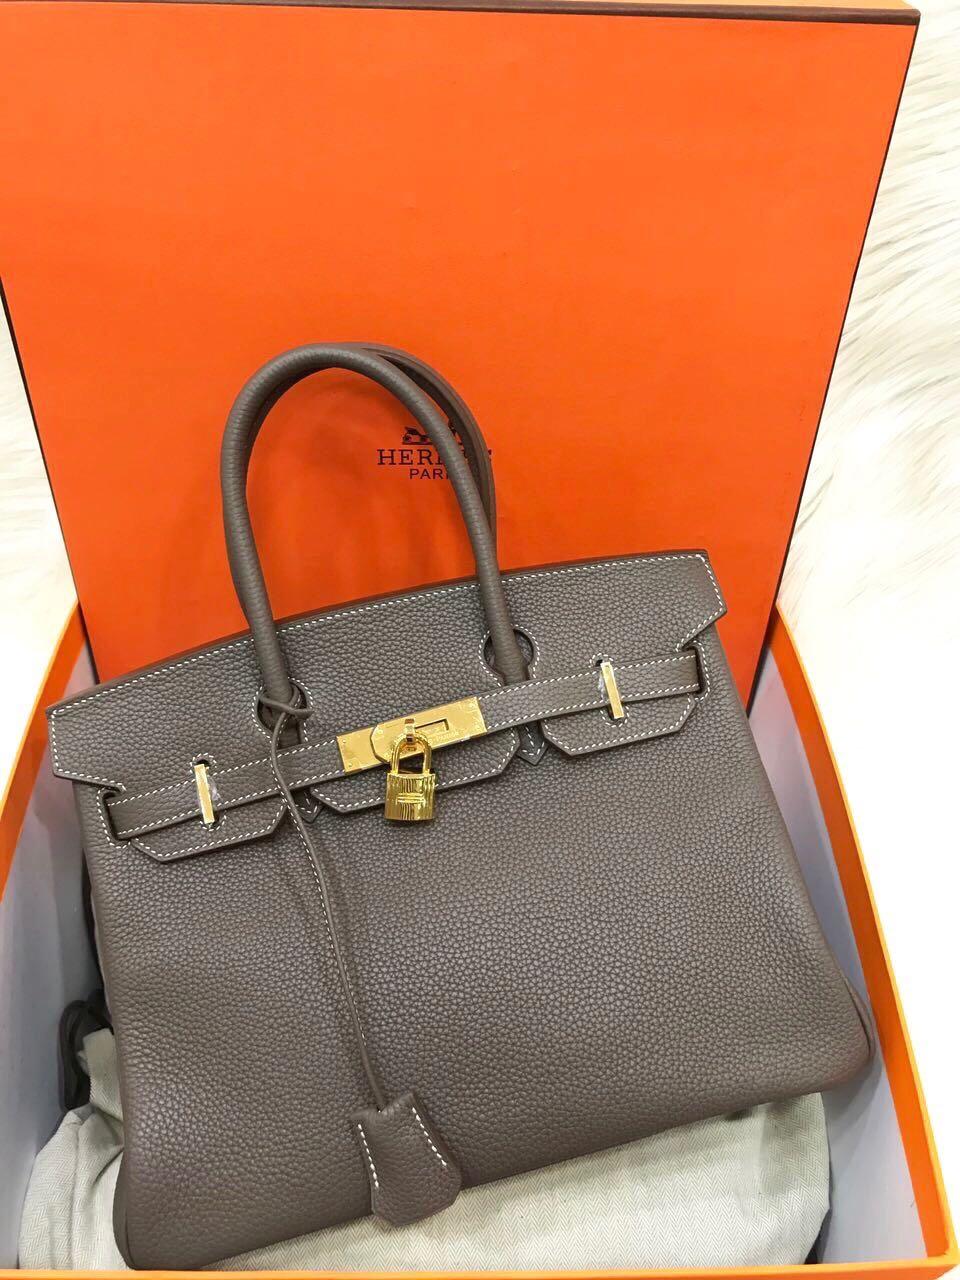 e38d8e7e24a ... cheap hermes birkin b30cm eutope togo ghw mirror original leather bag..part  2 99222